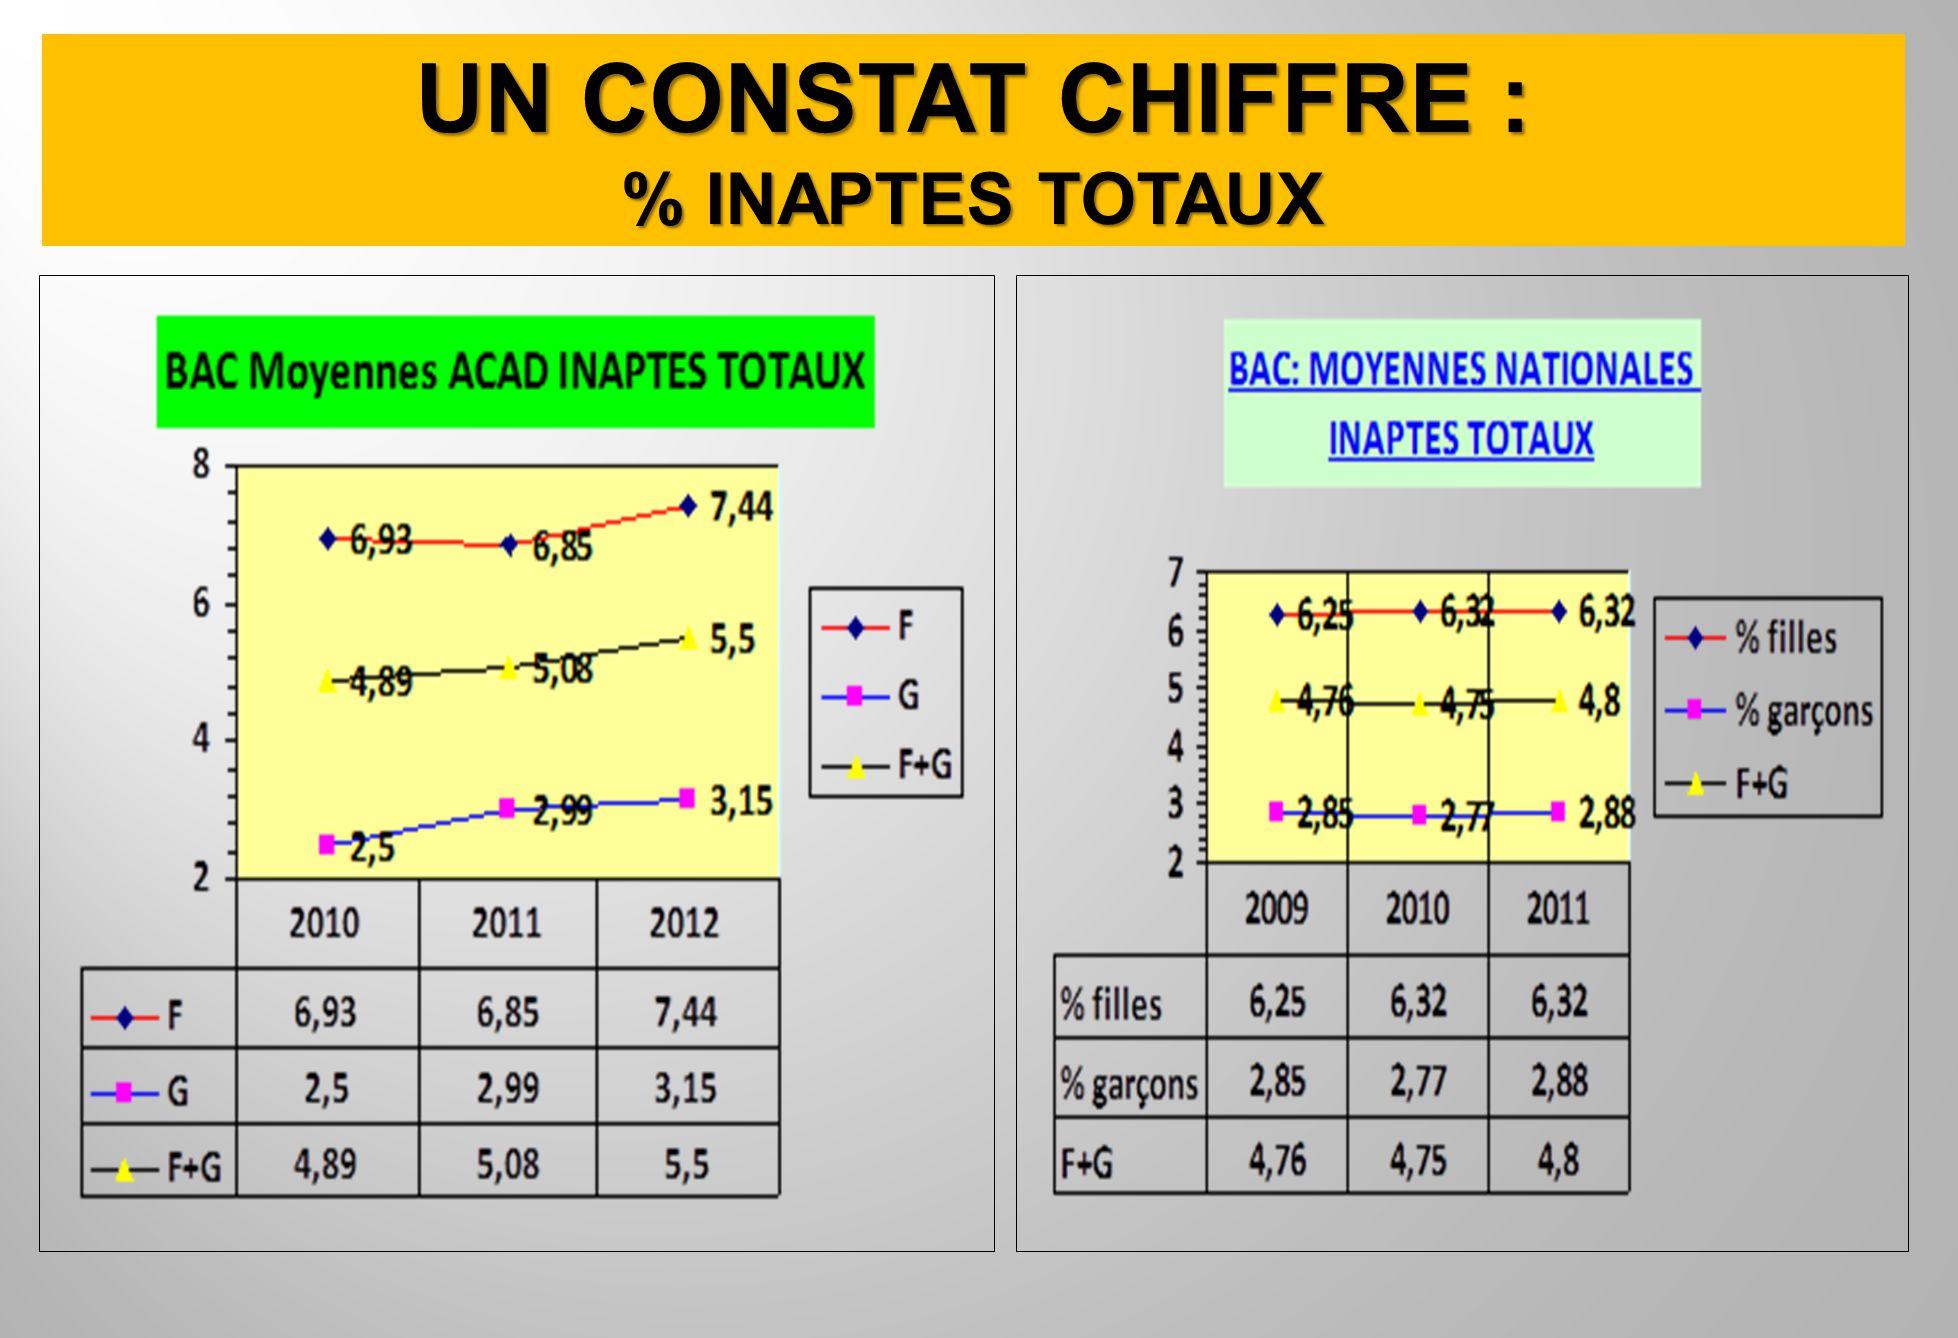 UN CONSTAT CHIFFRE : % INAPTES TOTAUX